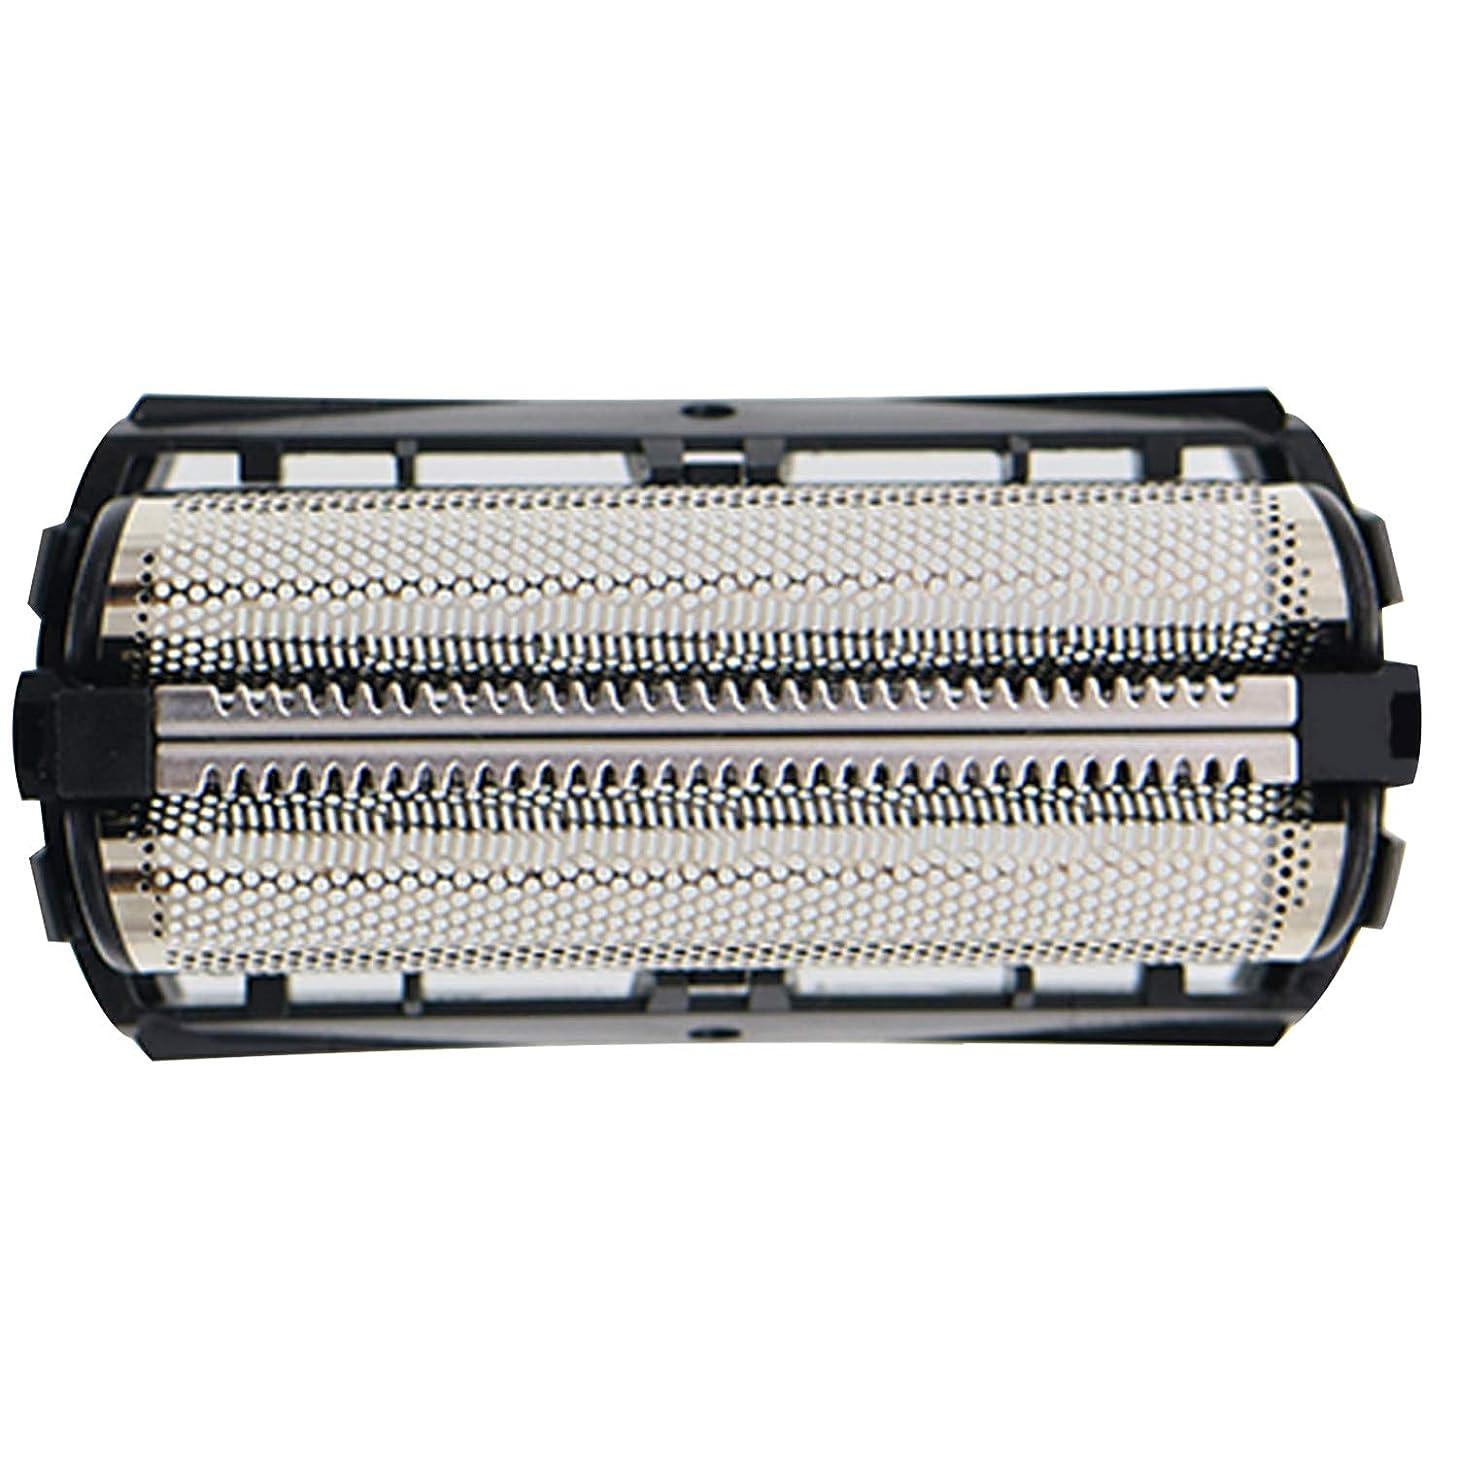 大宇宙緊張管理WyFun シェーバー替刃 適用 フィリップスQC5550用交換シェーバーフォイル/カッターユニットシェーバーヘッドQC5580メンズトリマー用回転ブレード